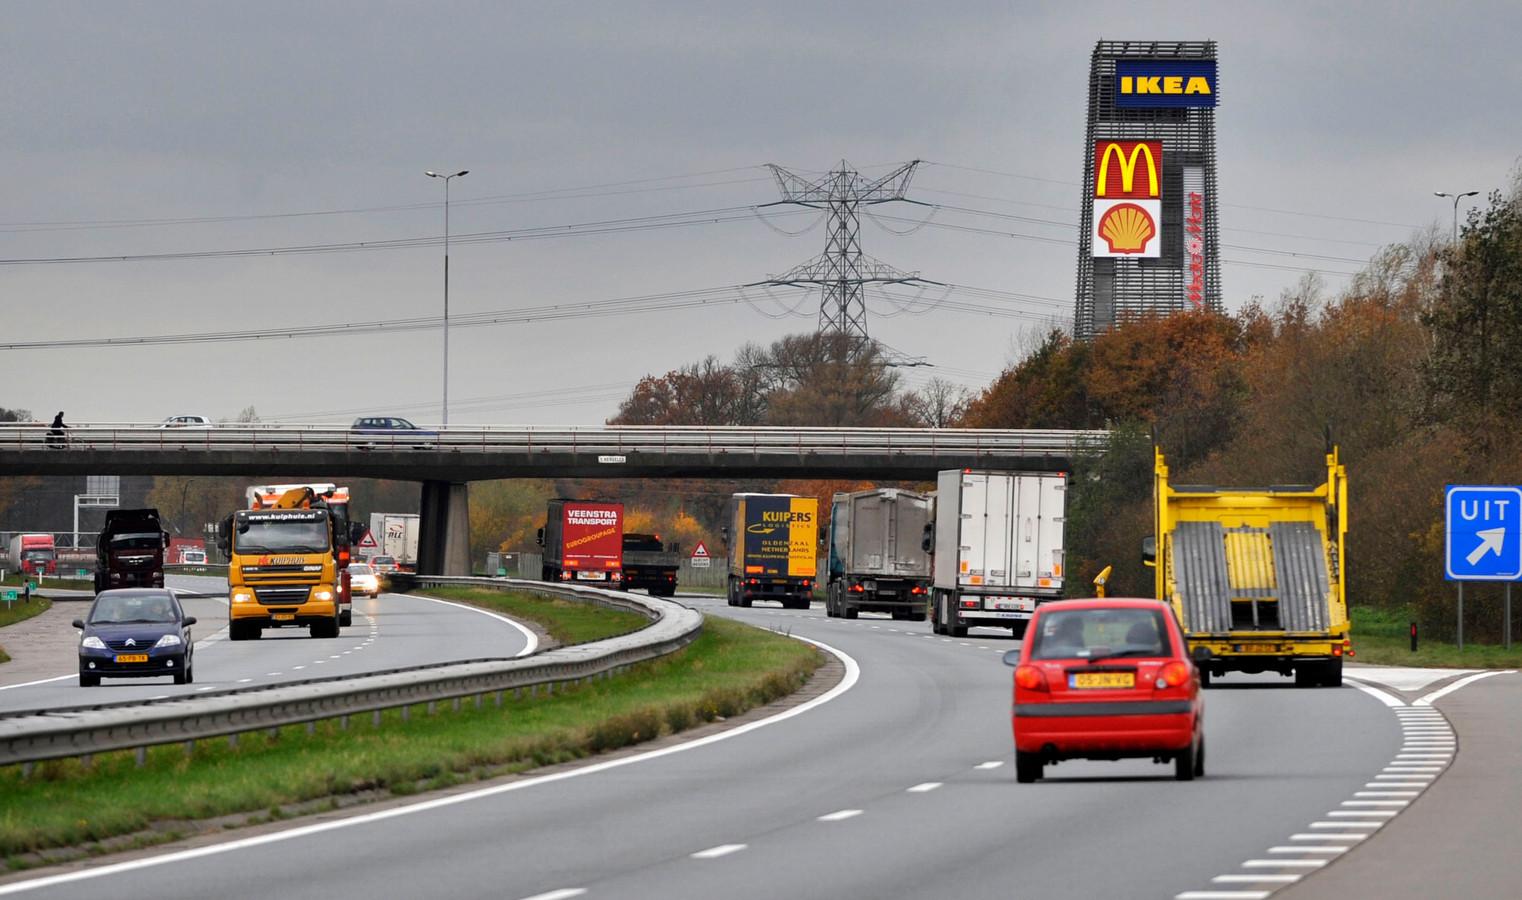 Verlaging van de maximum snelheid moet leiden tot vermindering van de uitstoot van stikstof.